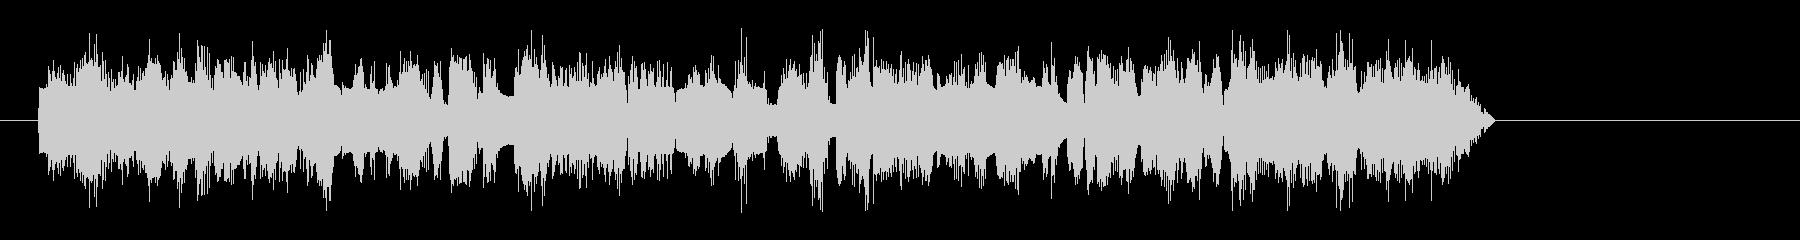 トランペット-クレイジーソロの未再生の波形